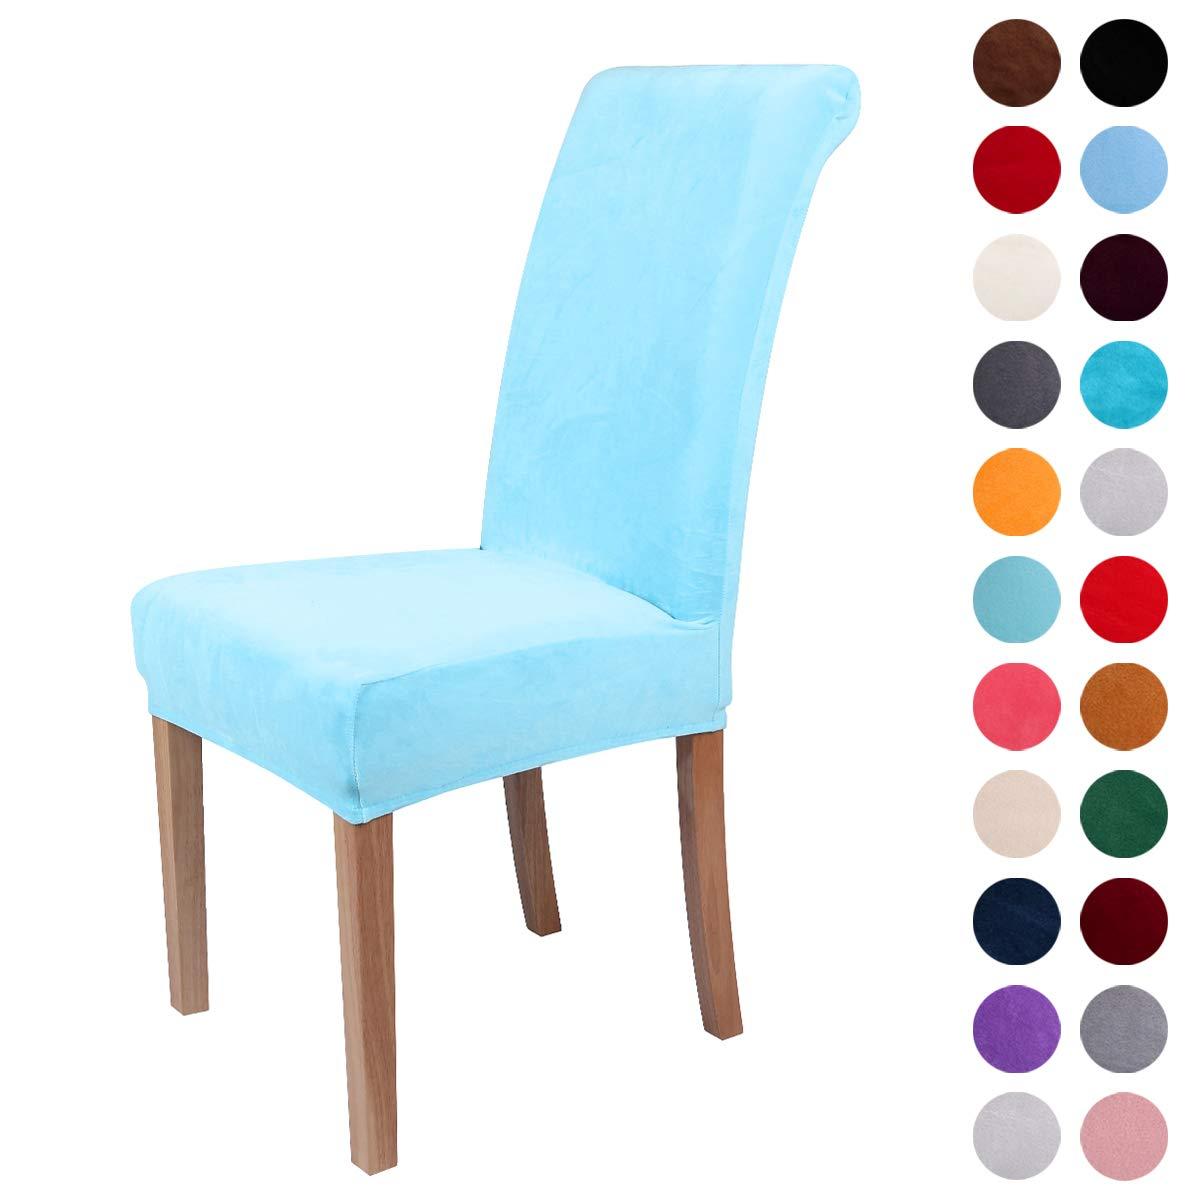 colorxyスパンデックス生地ストレッチダイニングルーム椅子のSlipcoversホームDecorセット4  レイクブルー B0779S11J9